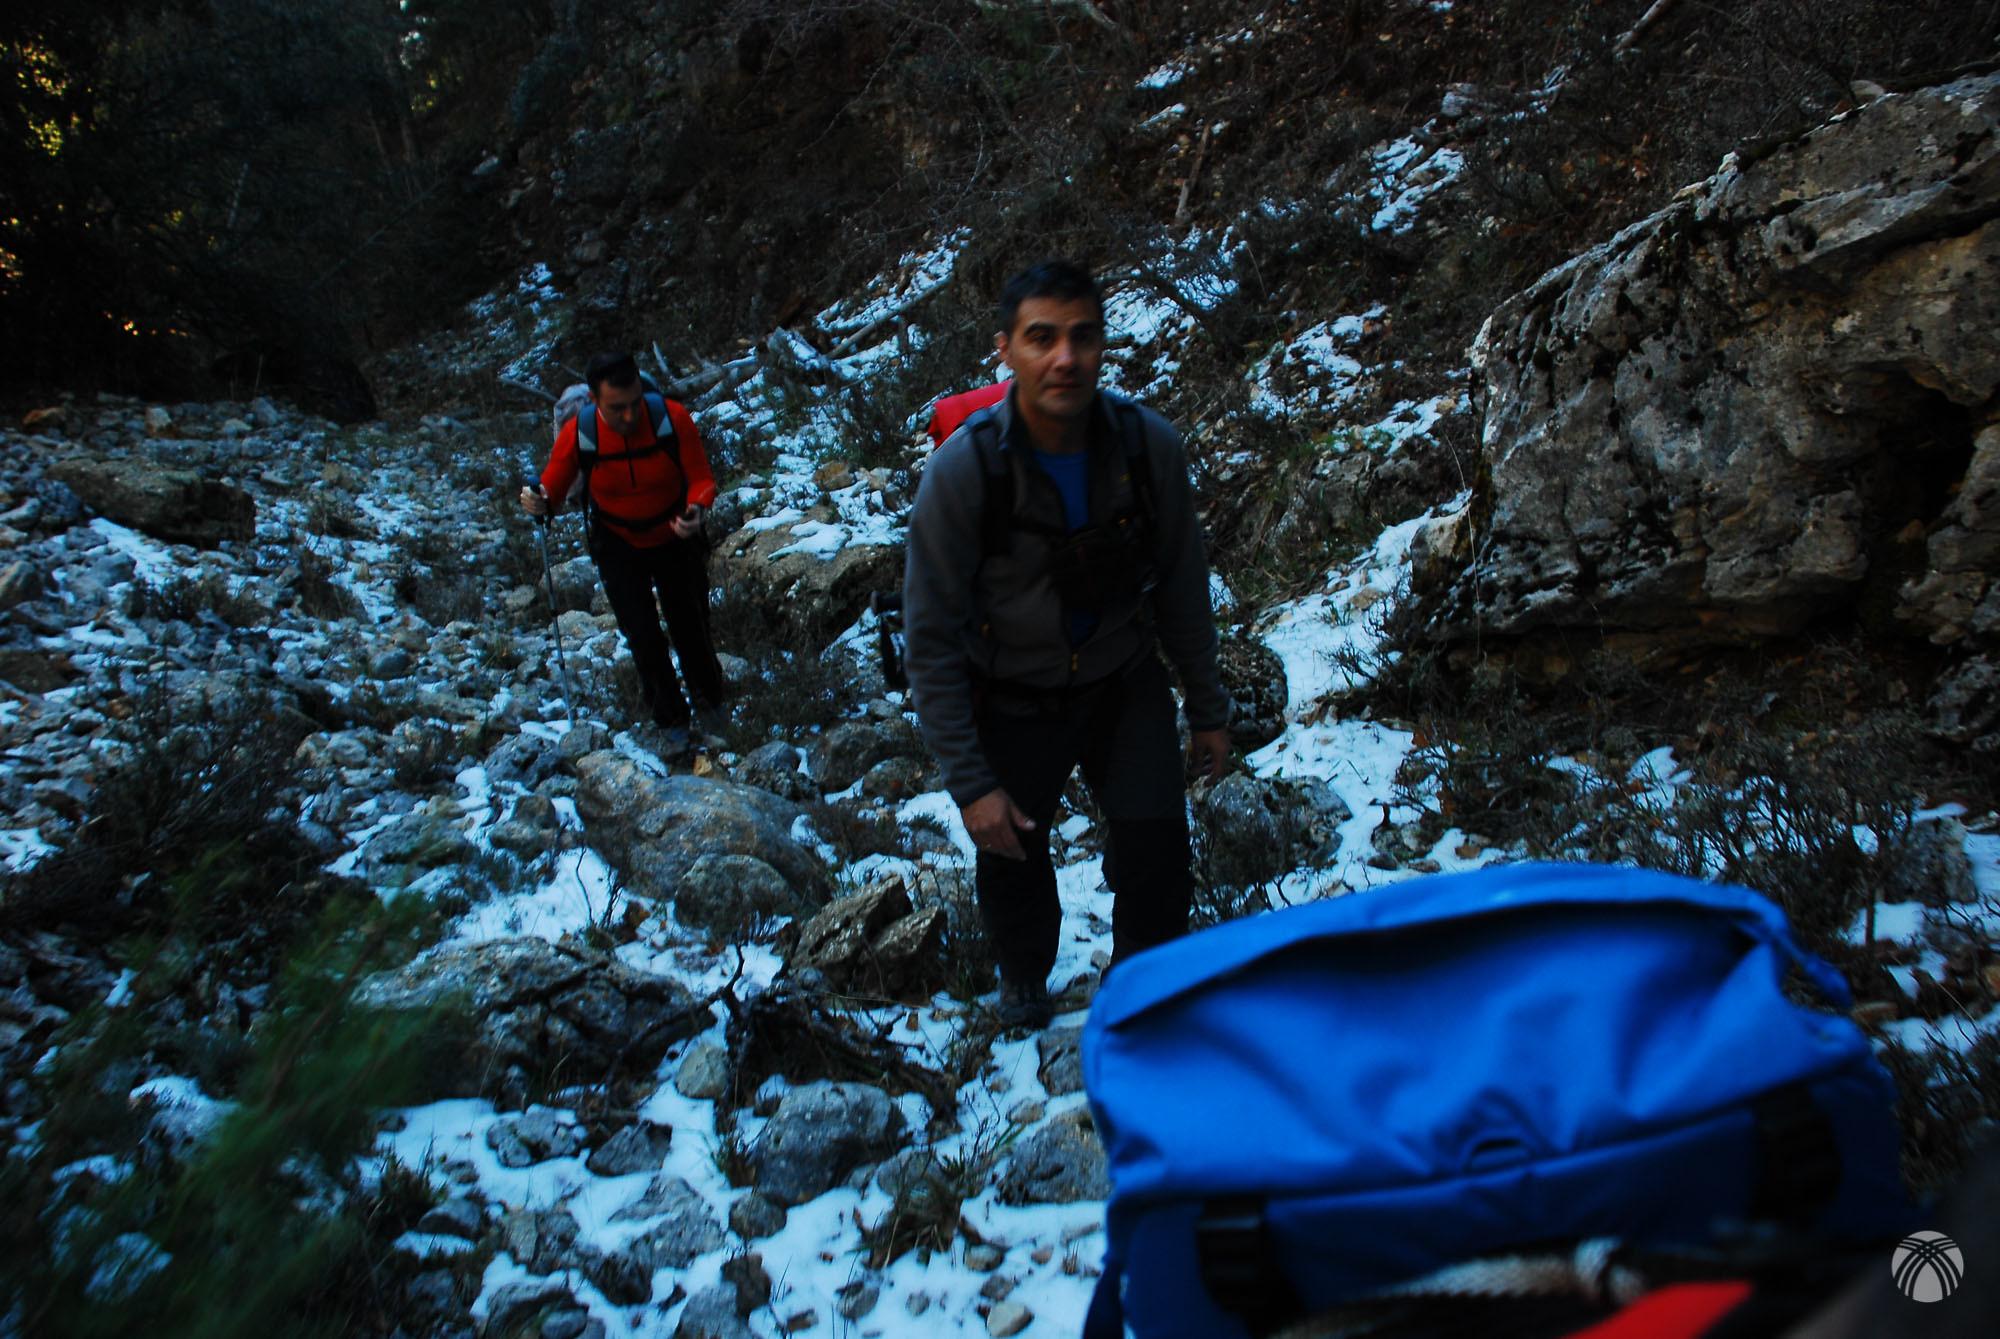 El camino se complica con mucha piedra y nieve polvo